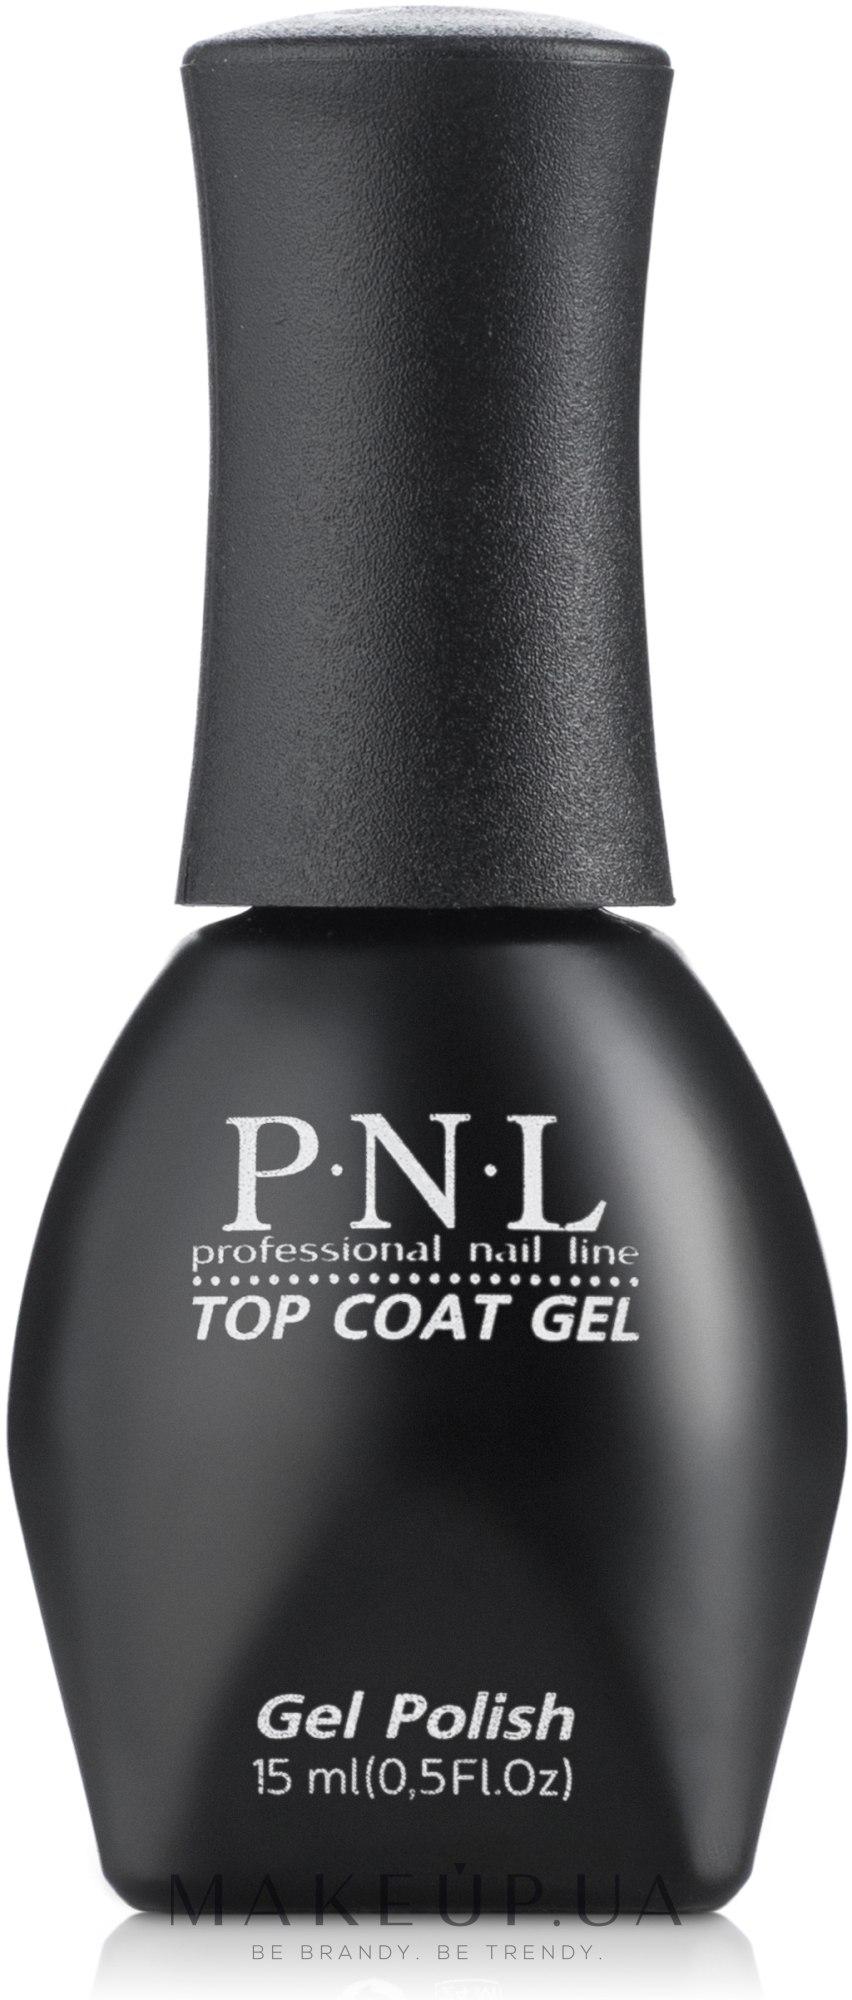 Верхнее покрытие для гель-лака - PNL Top Coat Gel — фото 15ml